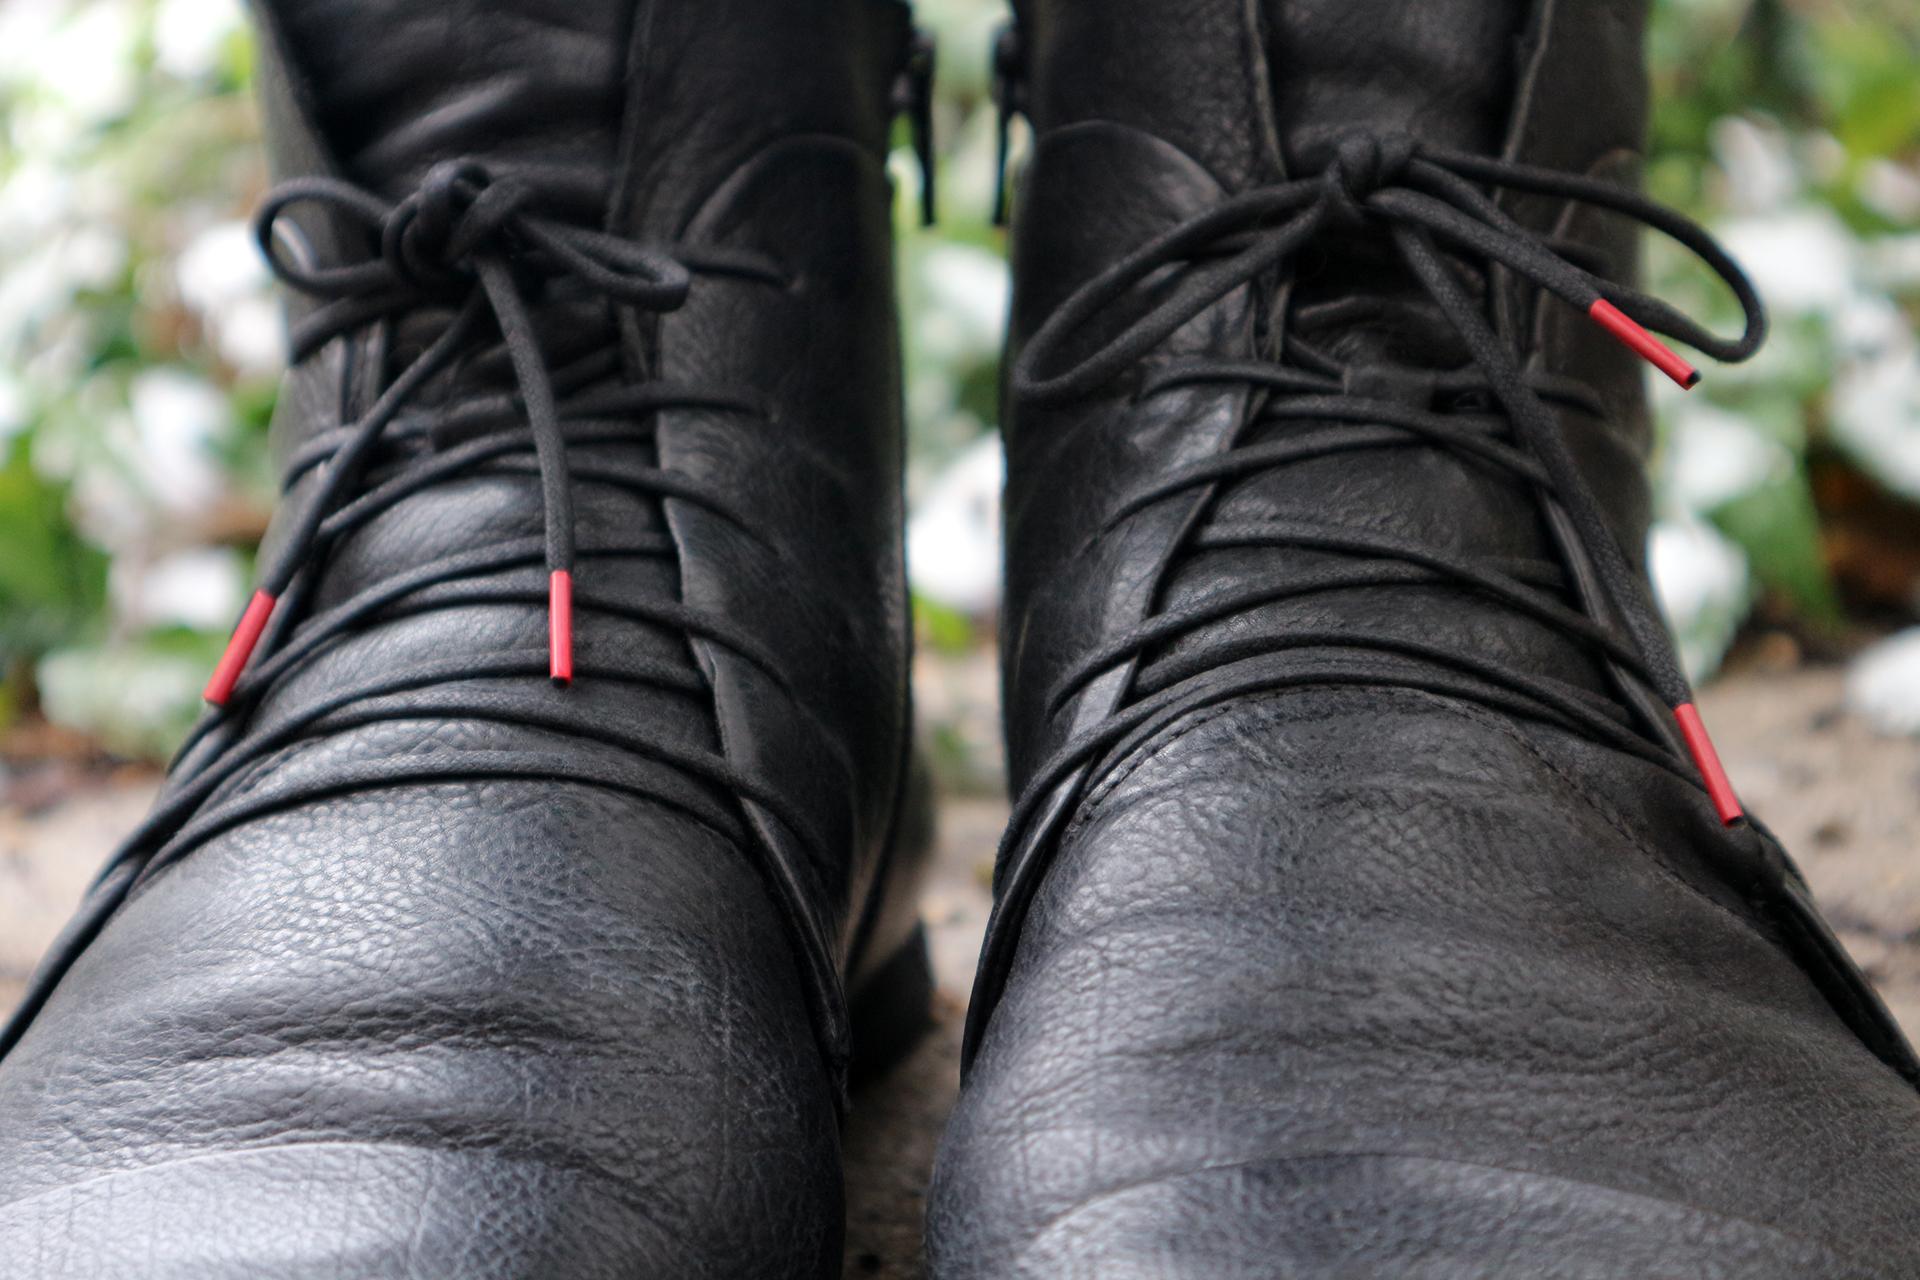 Unverkennbar Think! – die roten Enden der Schnürsenkel